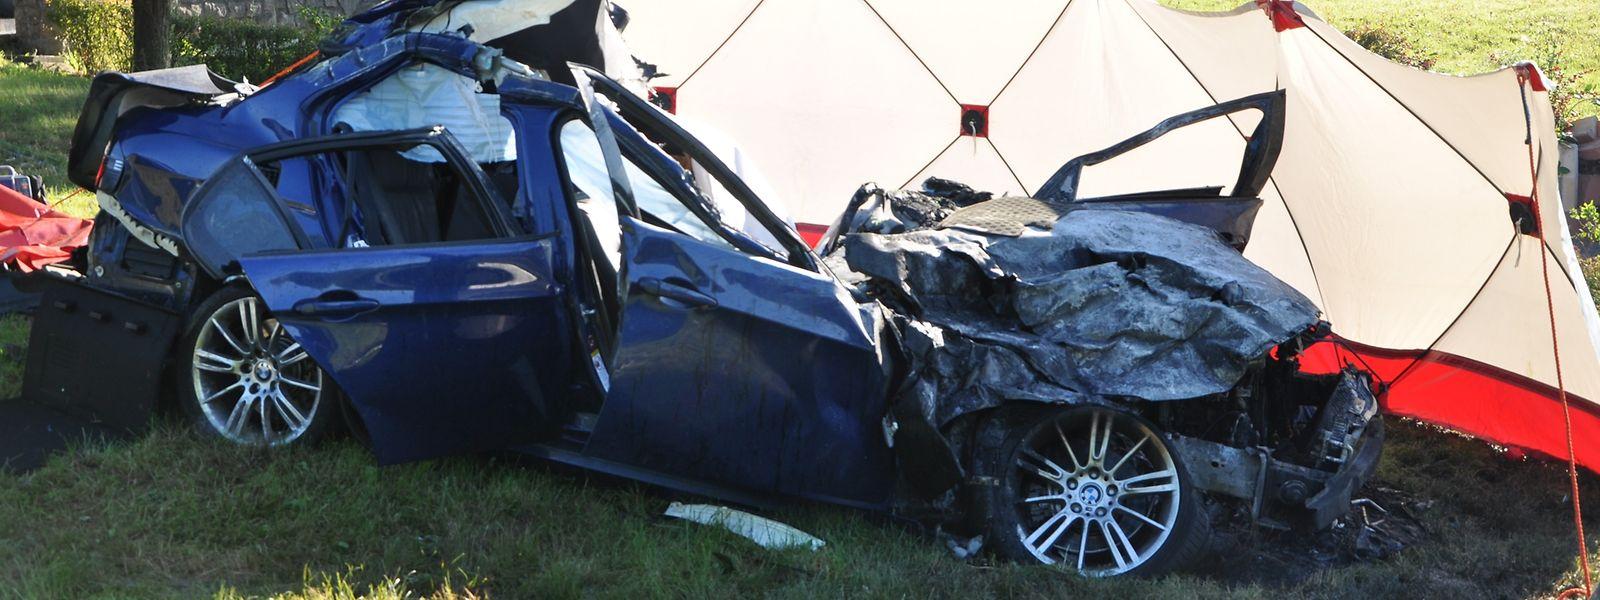 Der Wagen war am Morgen des 26. Juni 2016 in den Kreisverkehr gerast, hatte einen Hügel gerammt und war 30 Meter weiter inmitten des Rond-point gelandet.